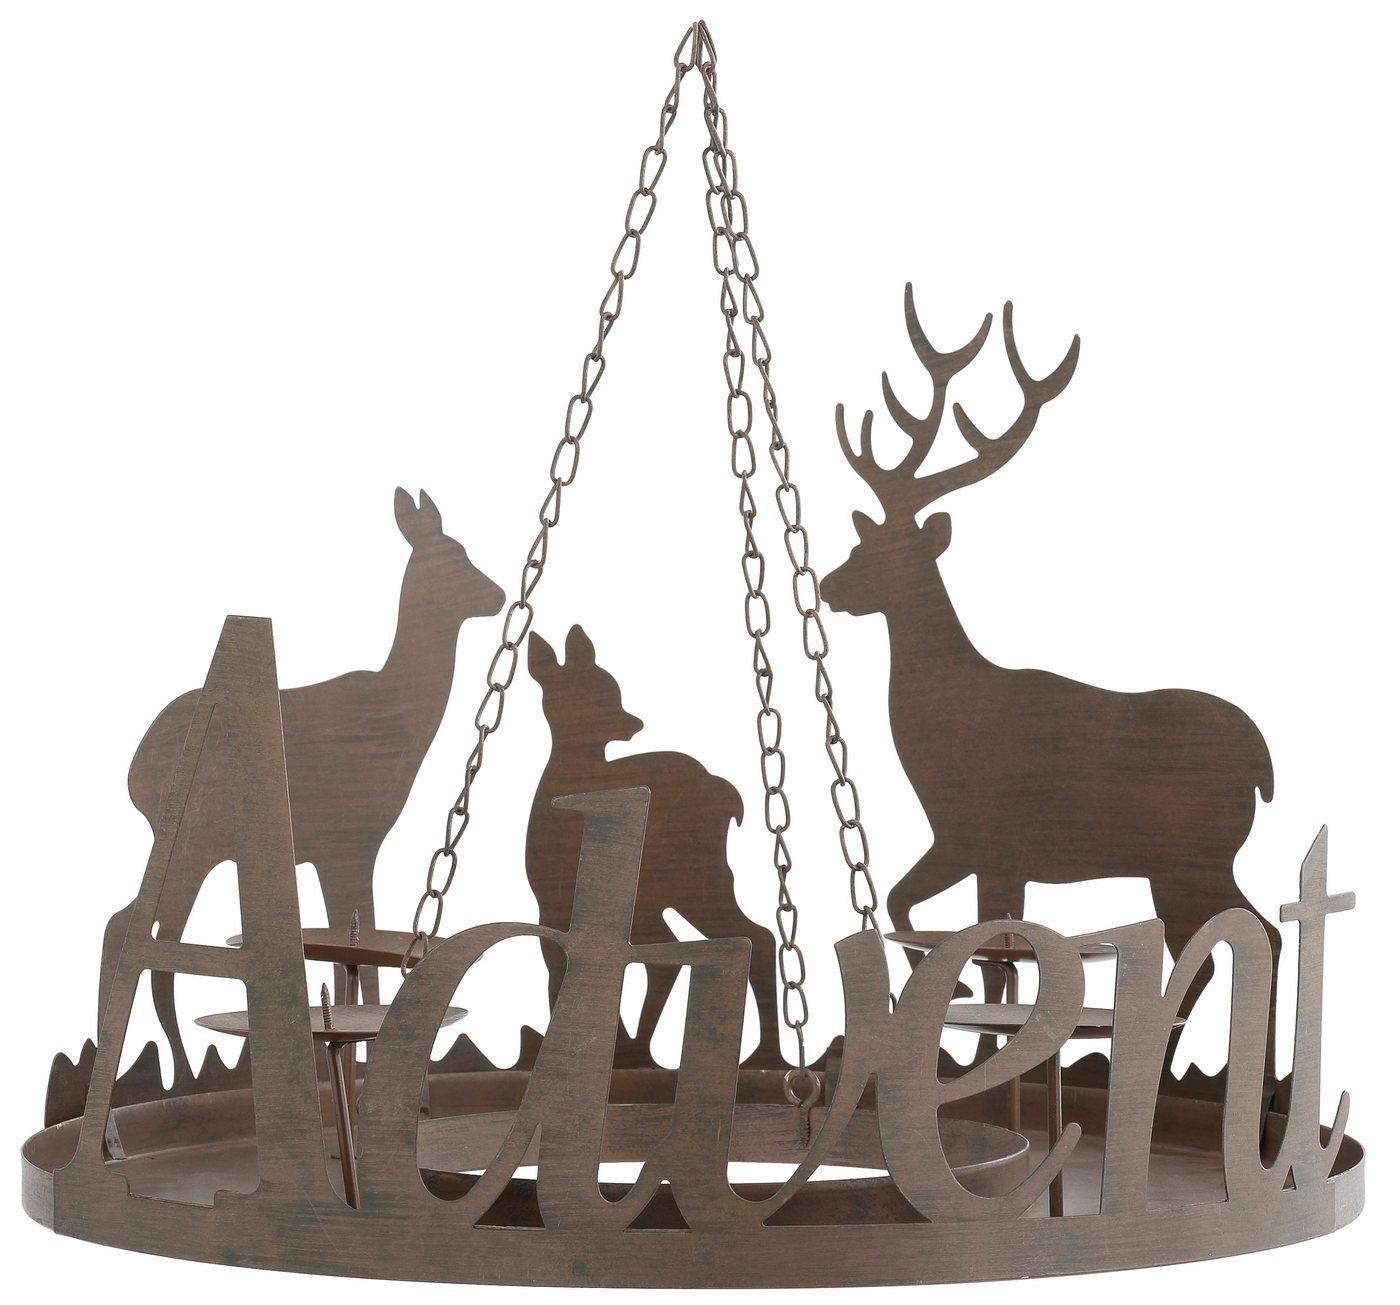 Adventskranzständer aus Metall, Ø 40,5 cm, »Advent«   Weihnachten > Adventskranz und Weinachtsleuchter   Braun   OTTO